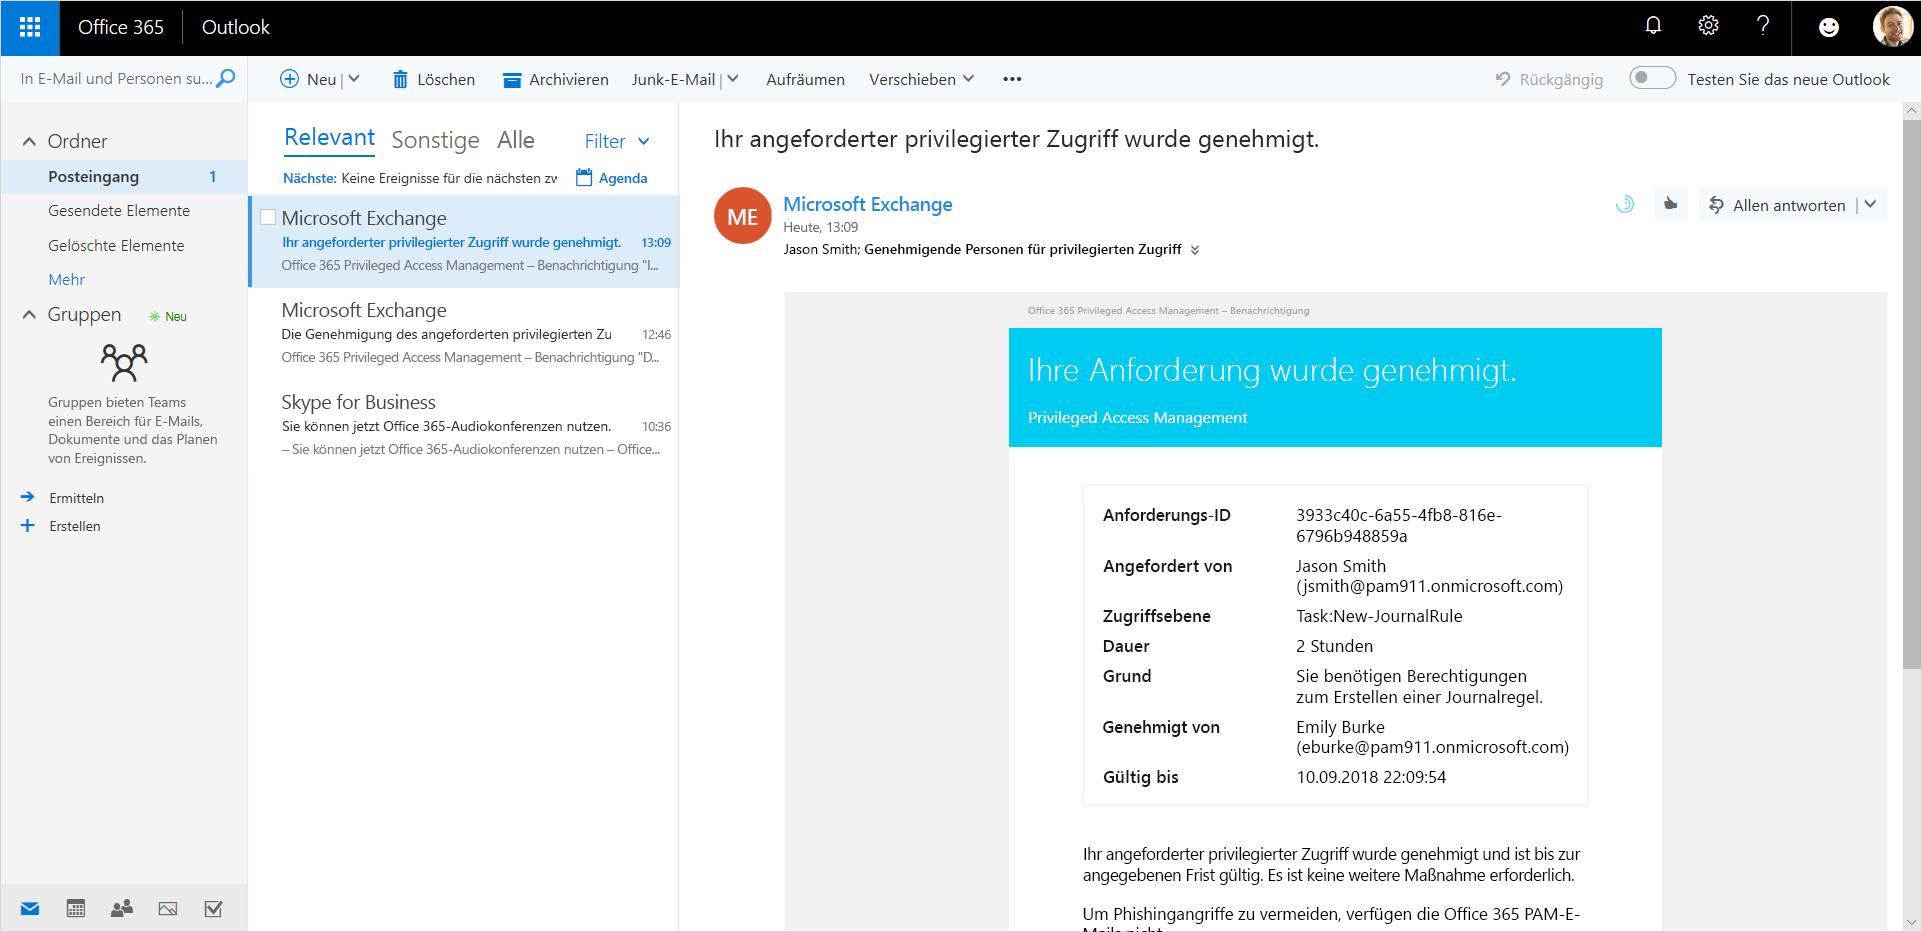 Screenshot einer genehmigten Anforderung für privilegierten Zugriff in Outlook